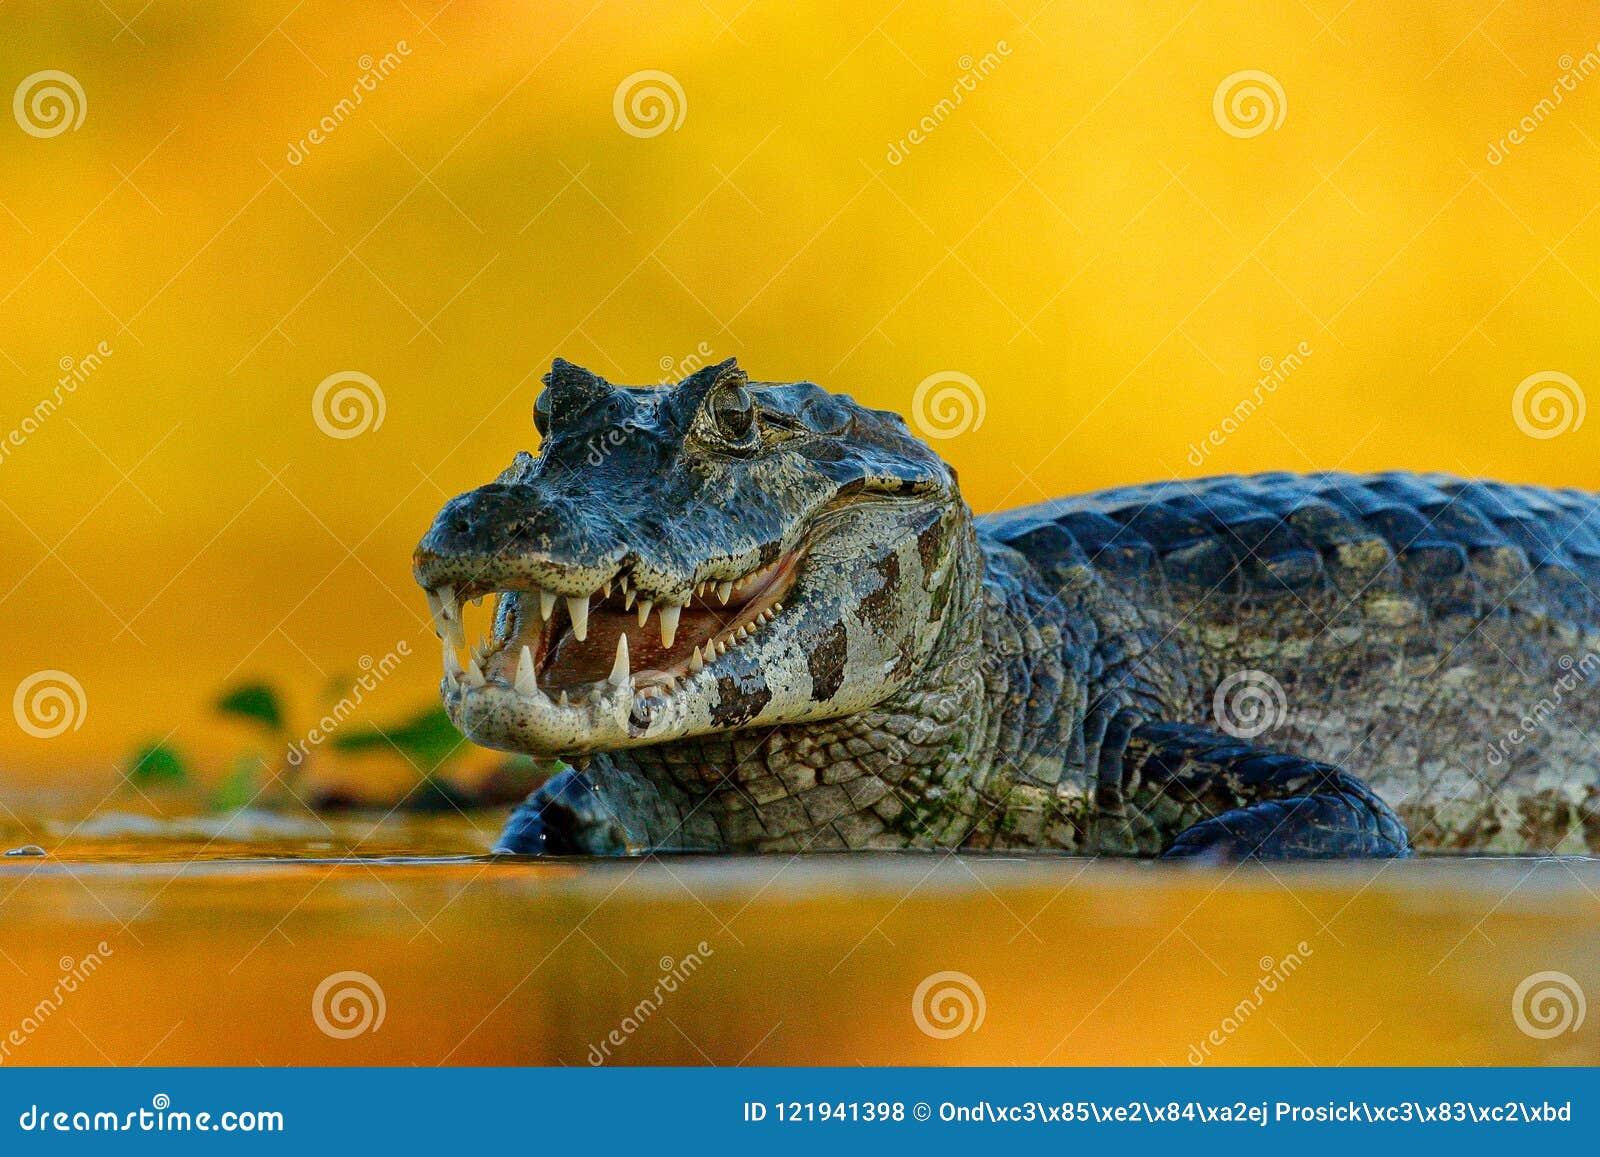 Caimano di Yacare, Pantanal, Brasile Ritratto del dettaglio del rettile del pericolo Coccodrillo in acqua di fiume, uguagliante l